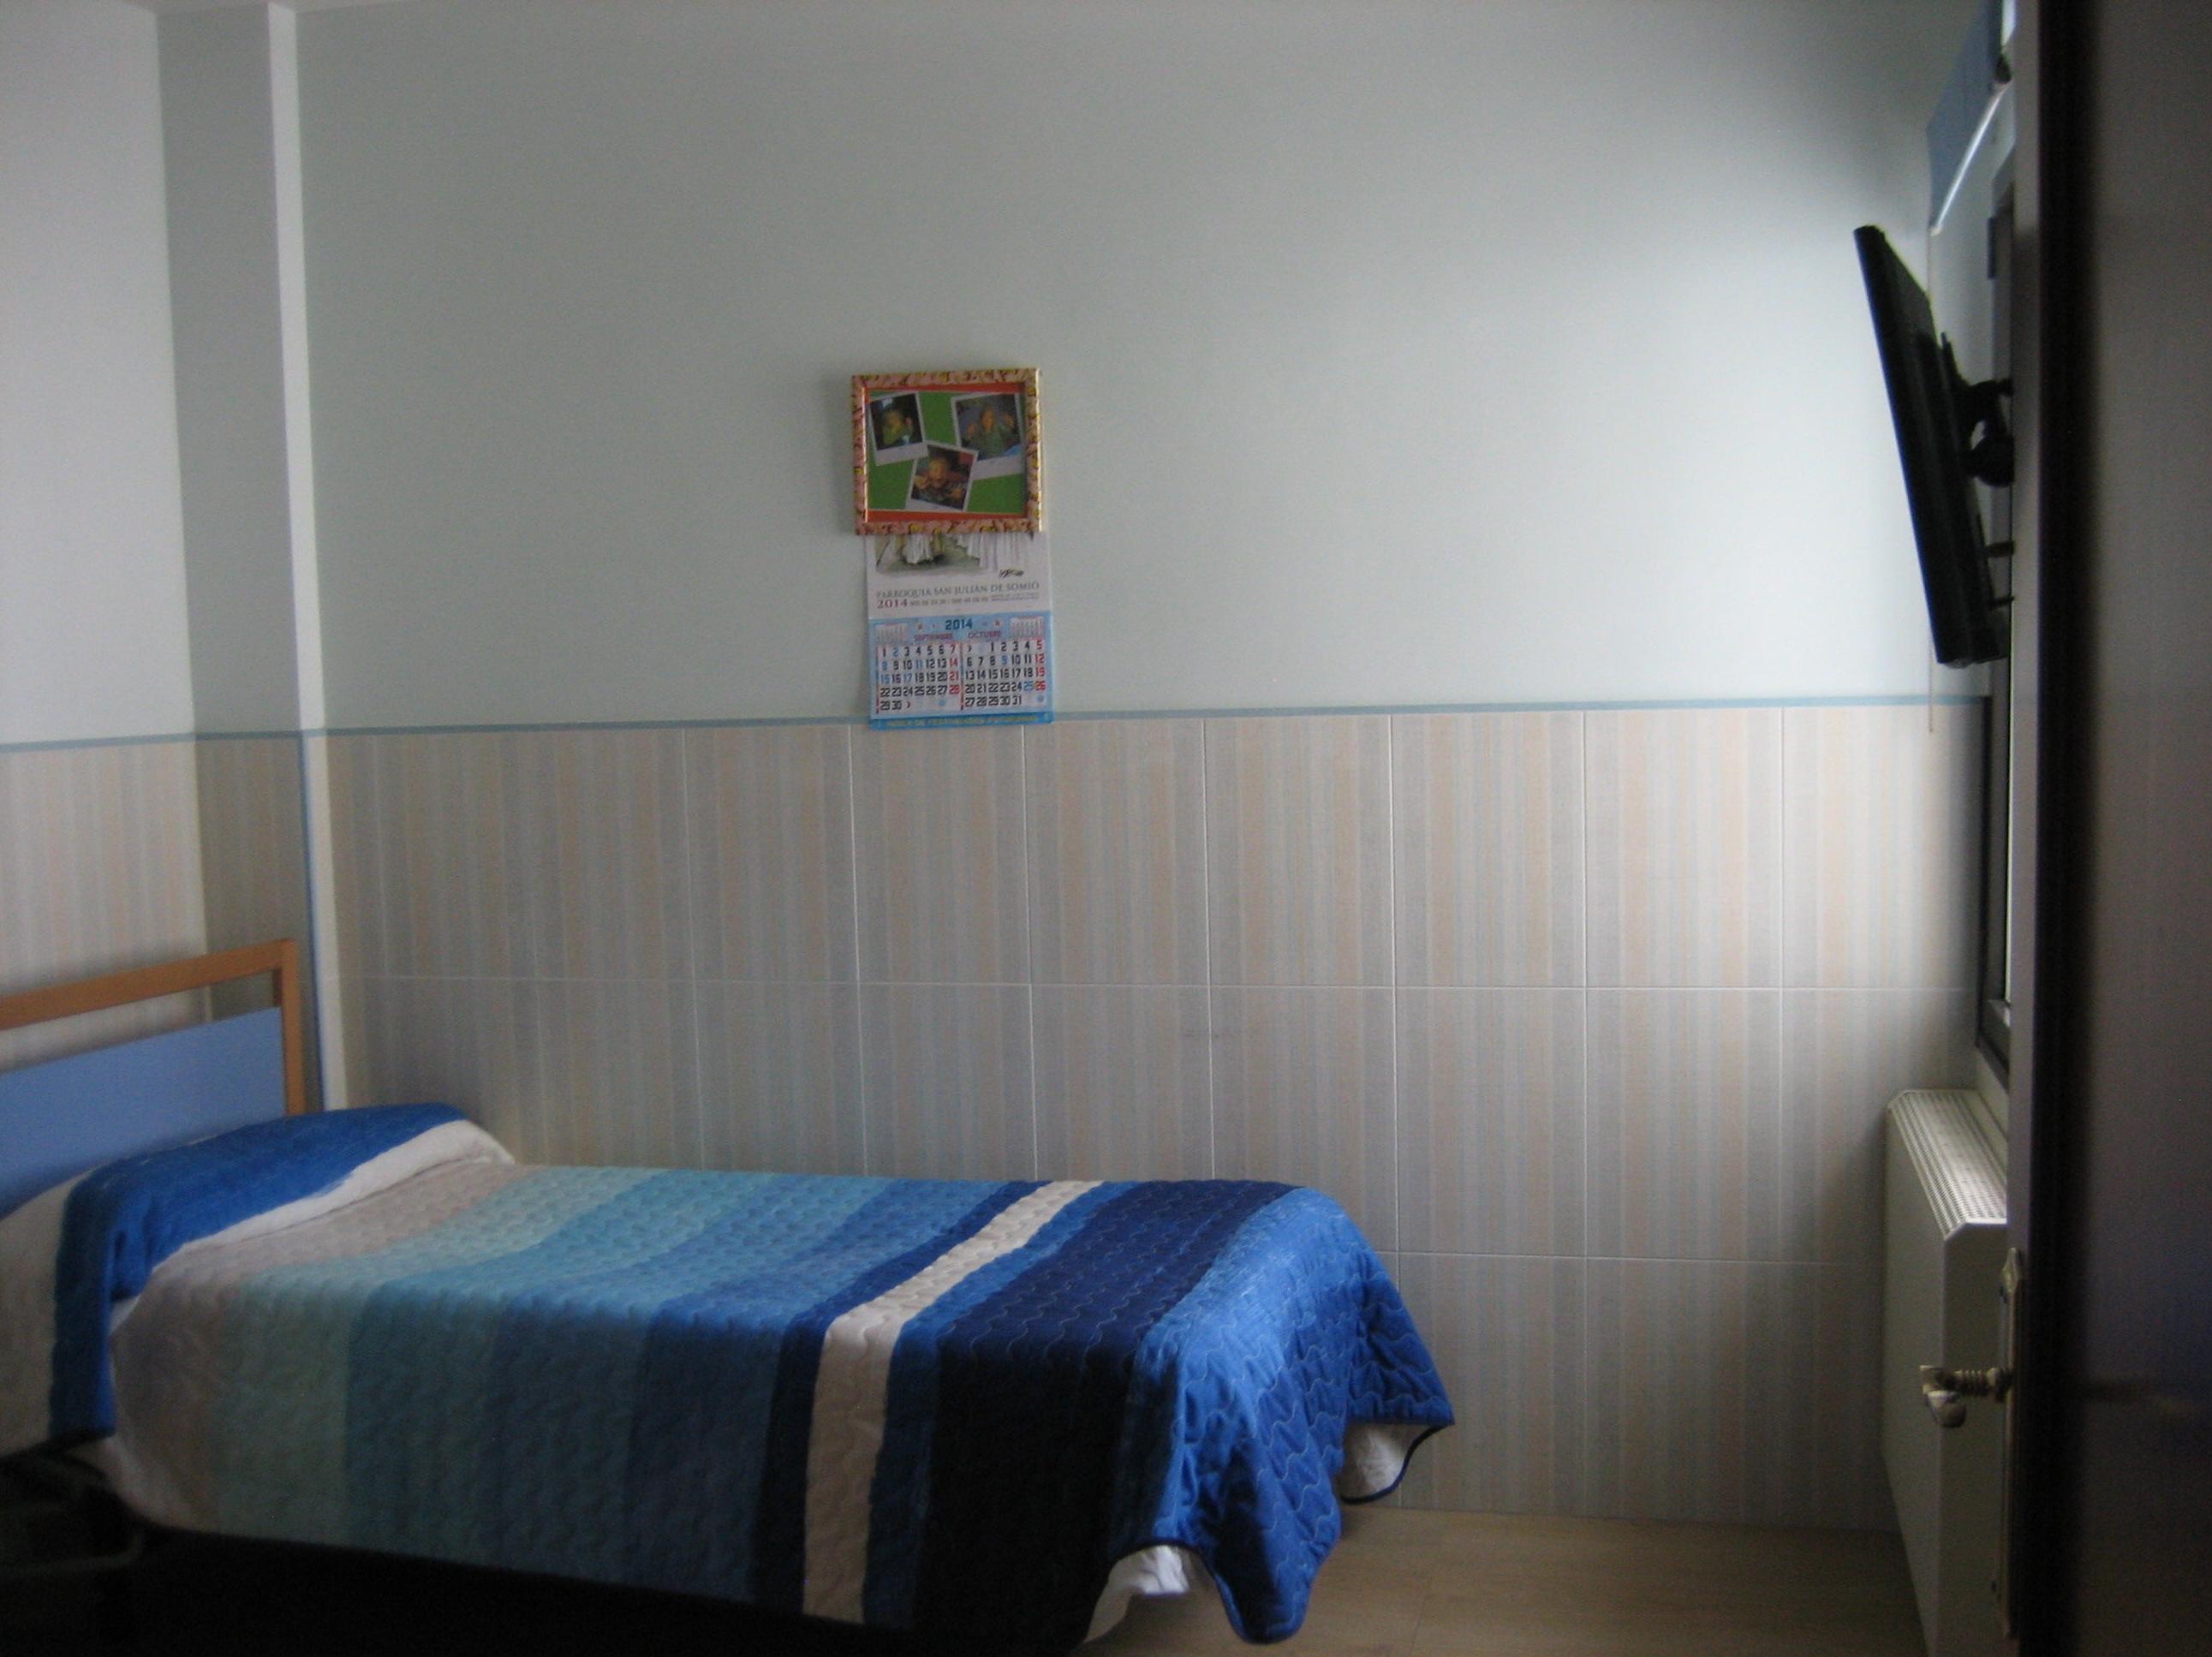 Residencia San José de la Montaña, habitación individual con televisión